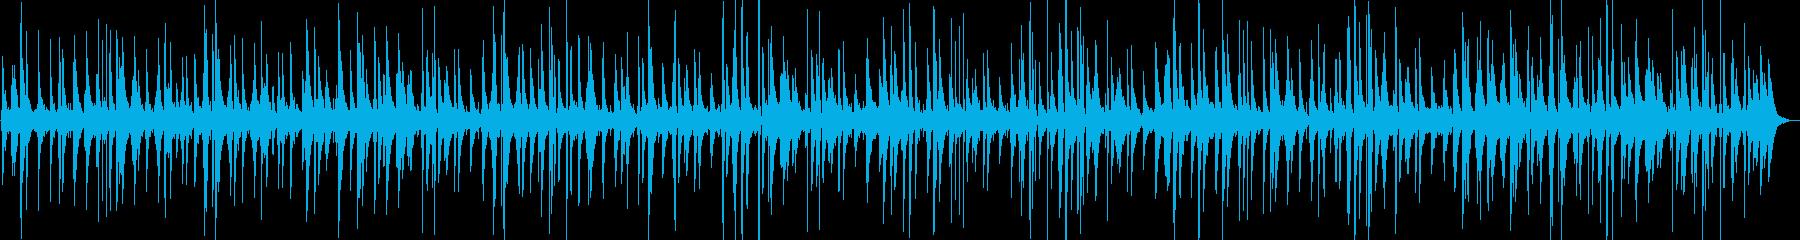 心地よいリラックスジャズ音楽ピアノの再生済みの波形